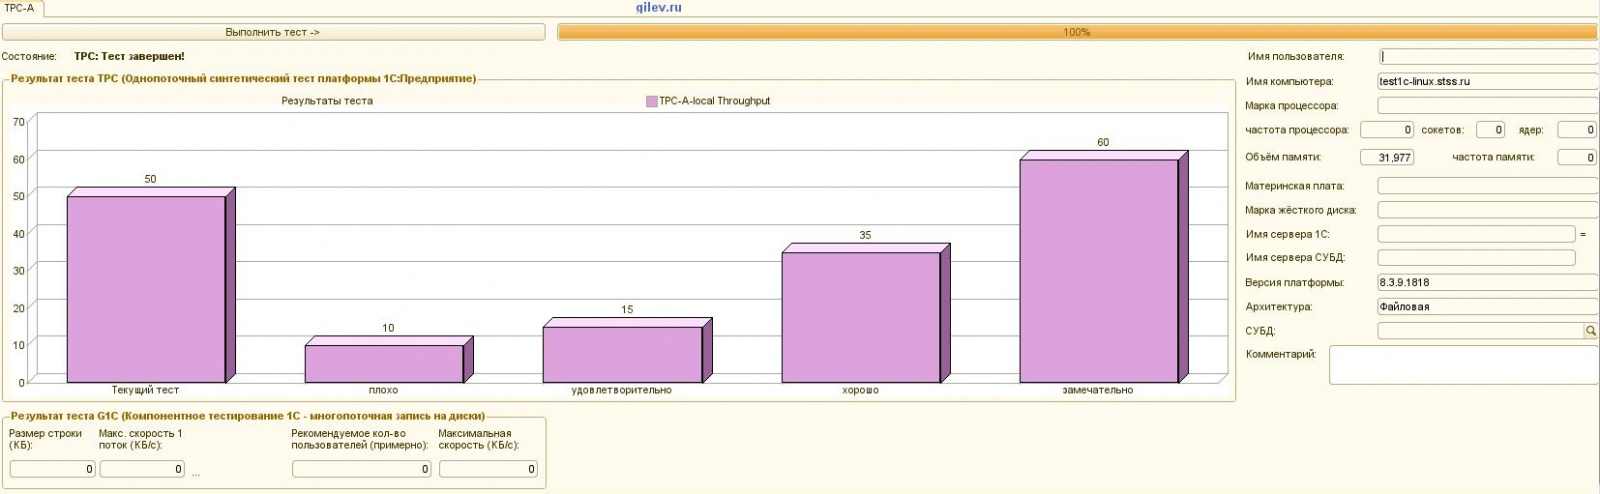 Сравнение производительности системы 1С под Linux и Windows - 3